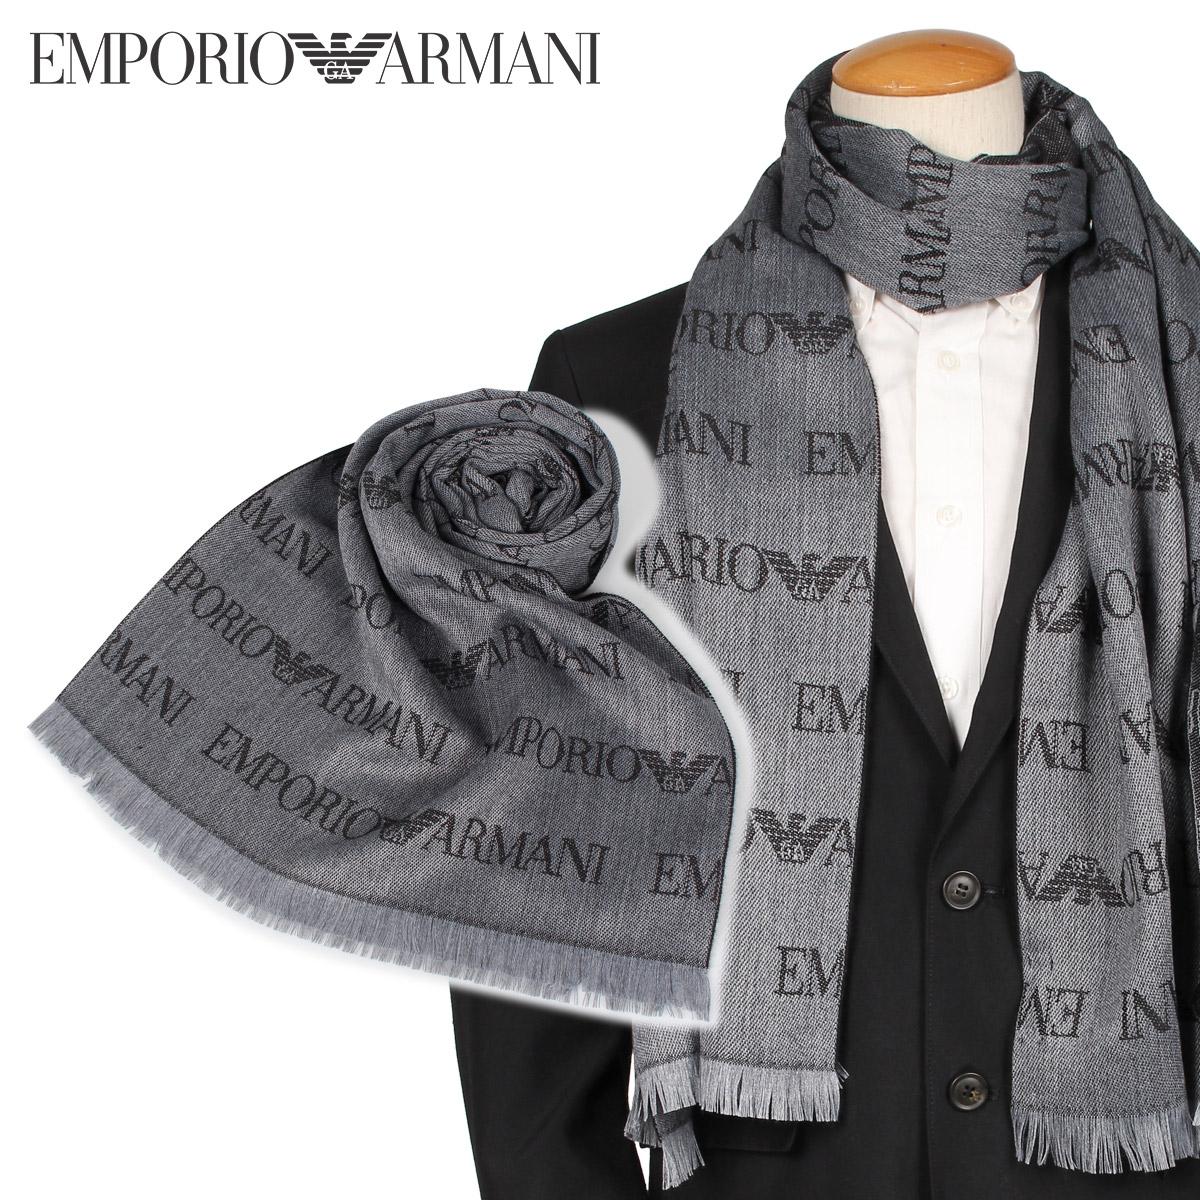 エンポリオ アルマーニ EMPORIO ARMANI マフラー ストール メンズ グレー 625053 CC786 [10/10 新入荷]